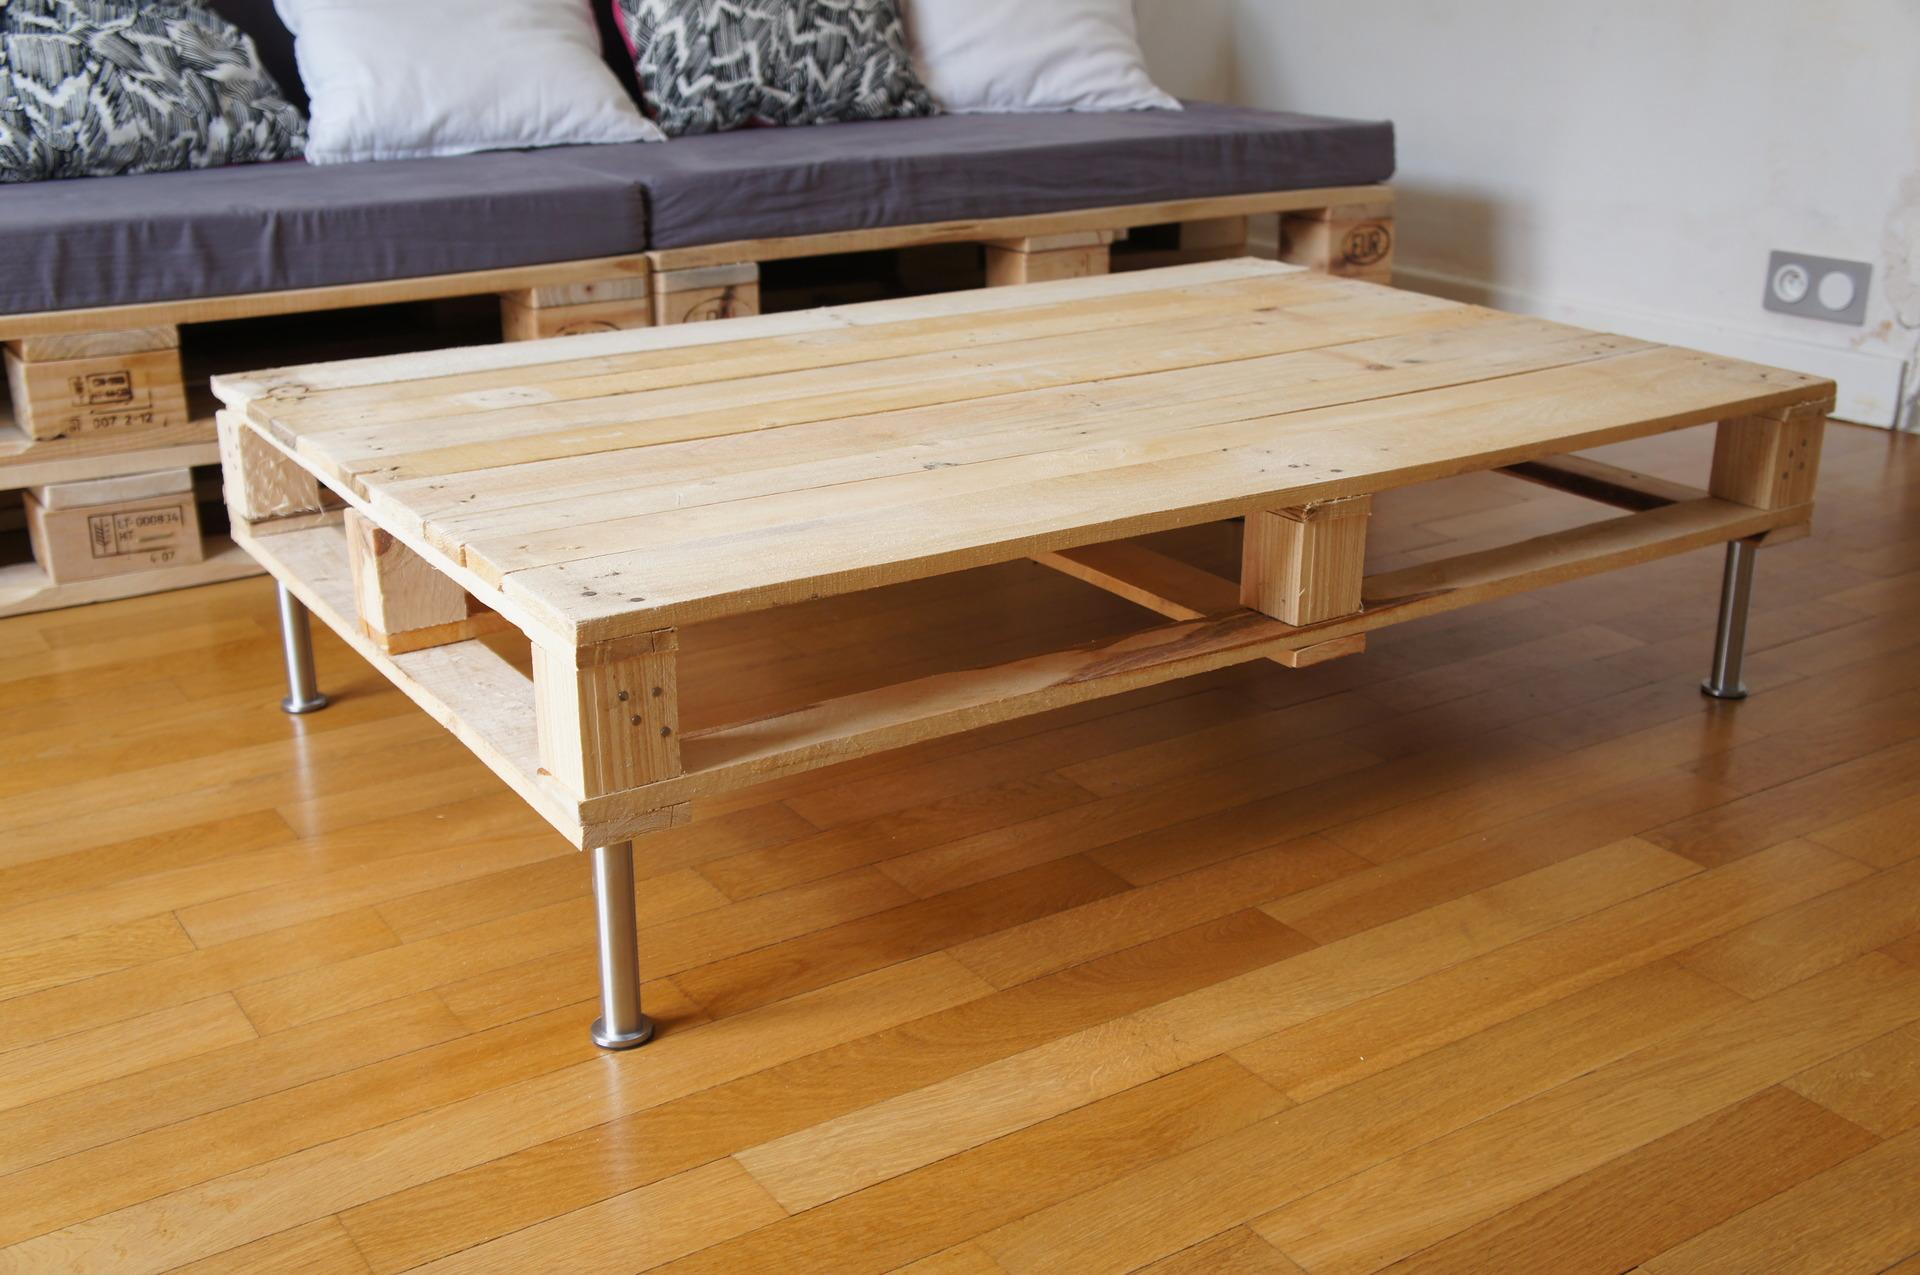 Table basse en bois de palette excellent table basse table basse with table basse en bois de - Palettes table basse ...